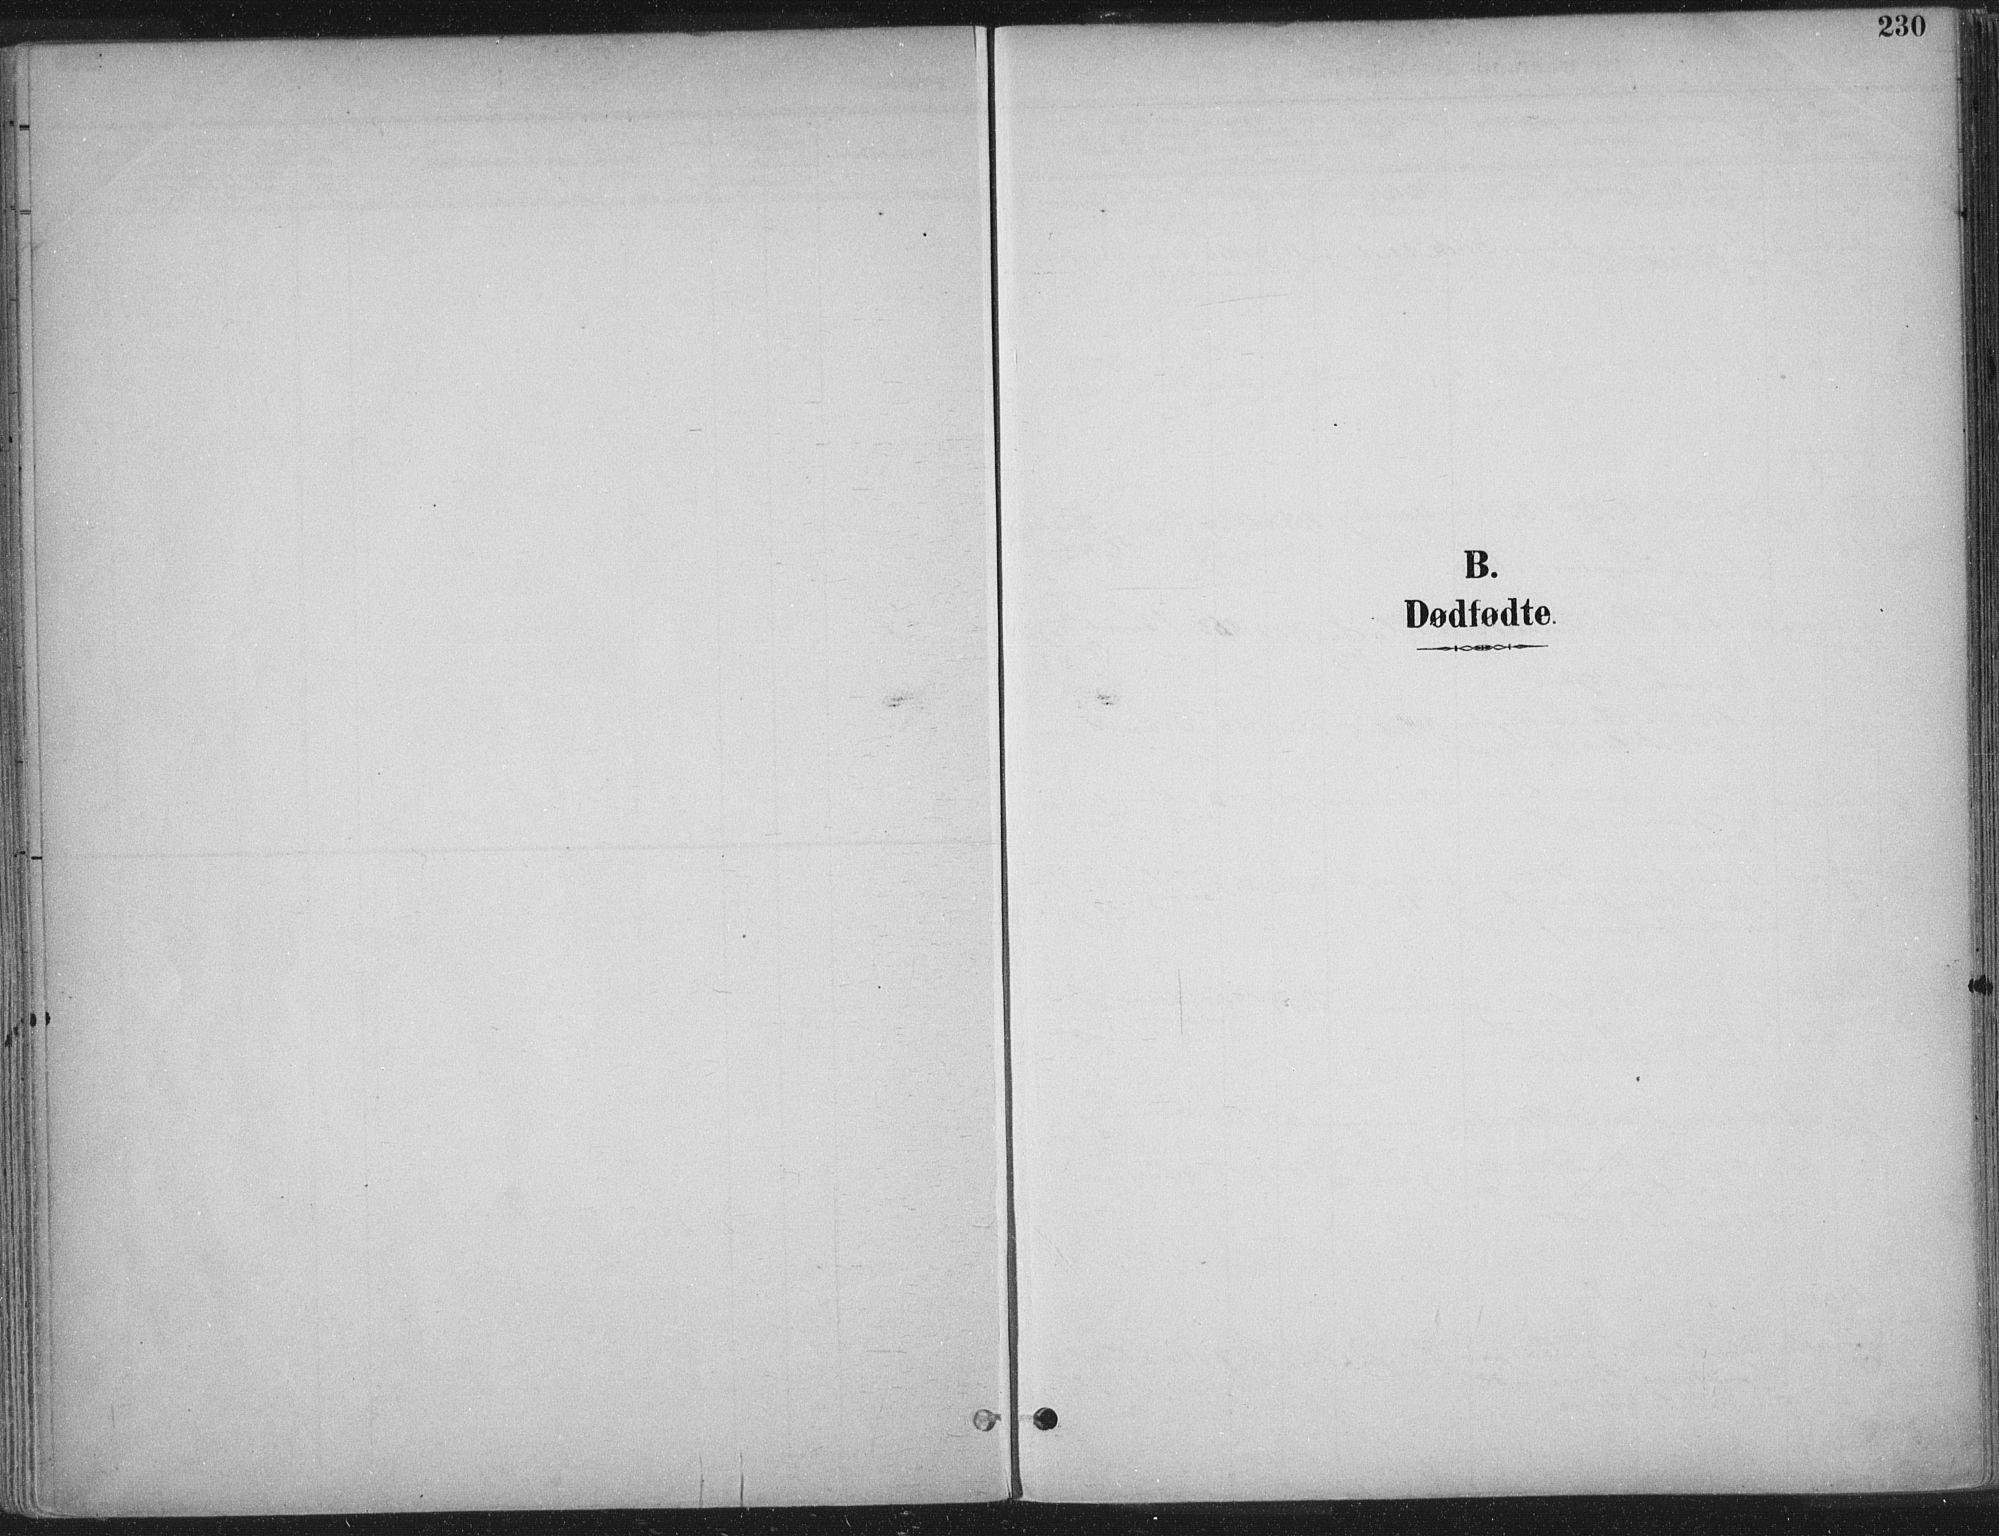 SAT, Ministerialprotokoller, klokkerbøker og fødselsregistre - Sør-Trøndelag, 601/L0062: Ministerialbok nr. 601A30, 1891-1911, s. 230